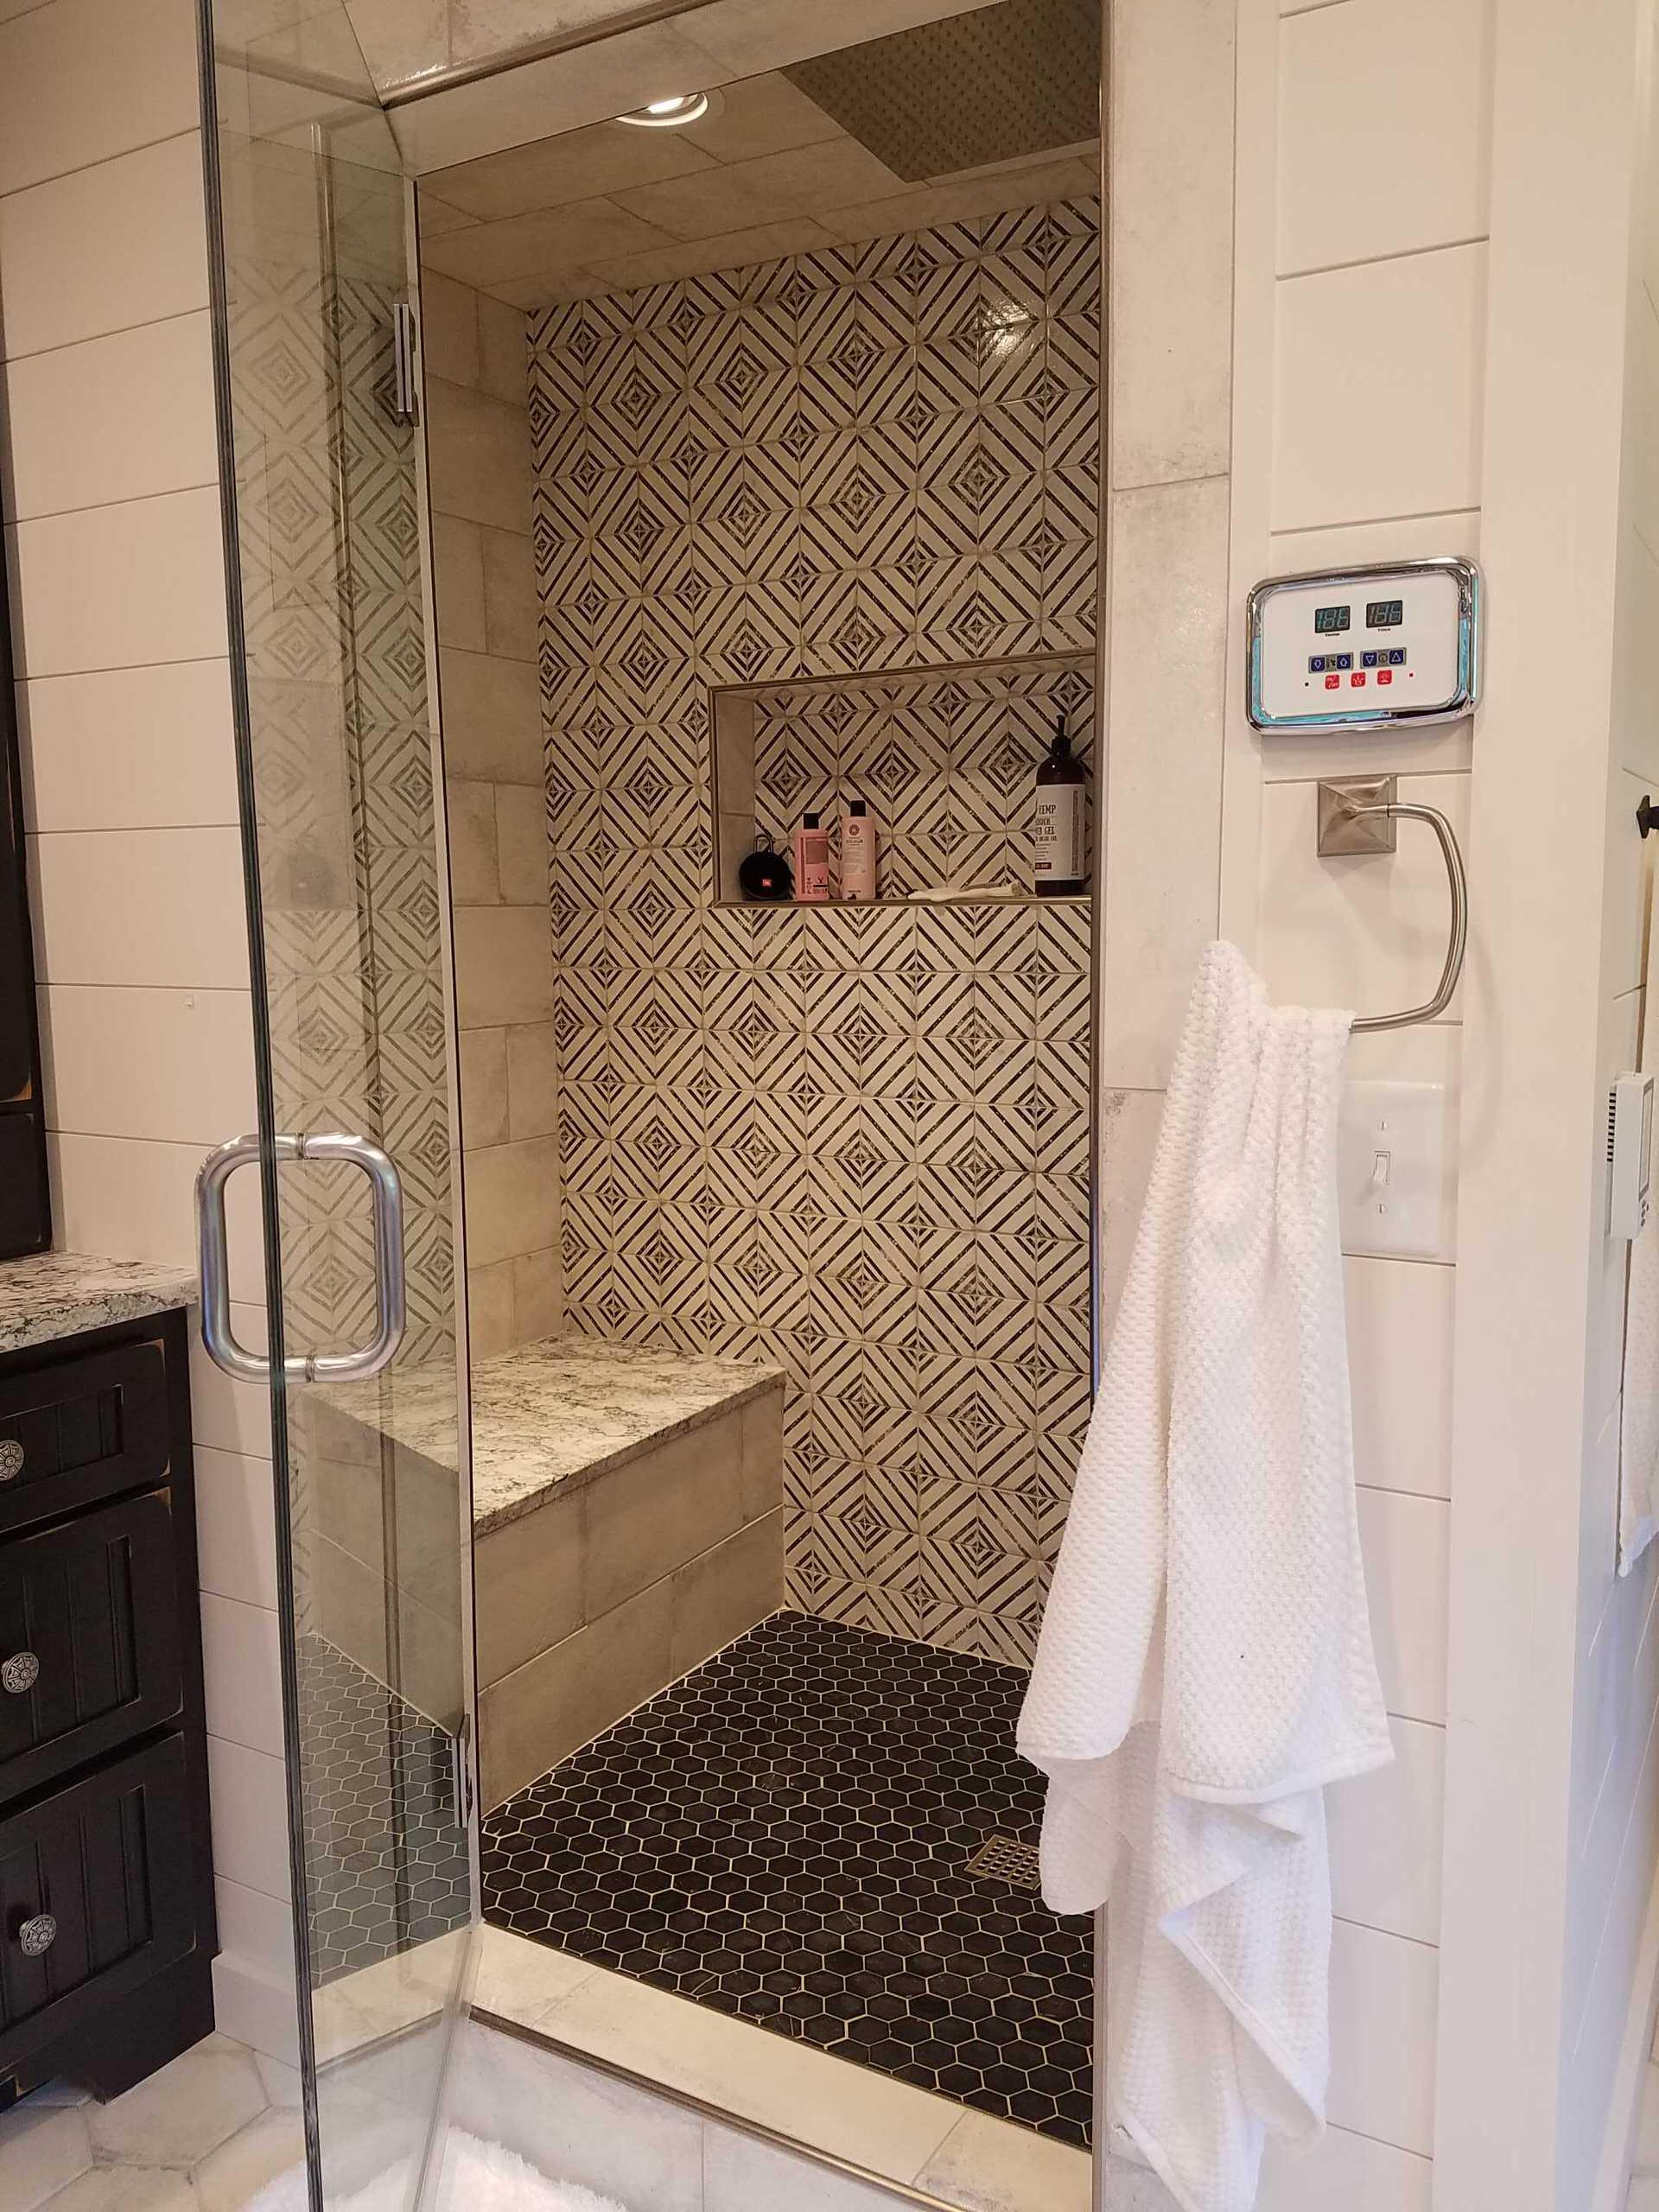 Luxurious Steam Shower